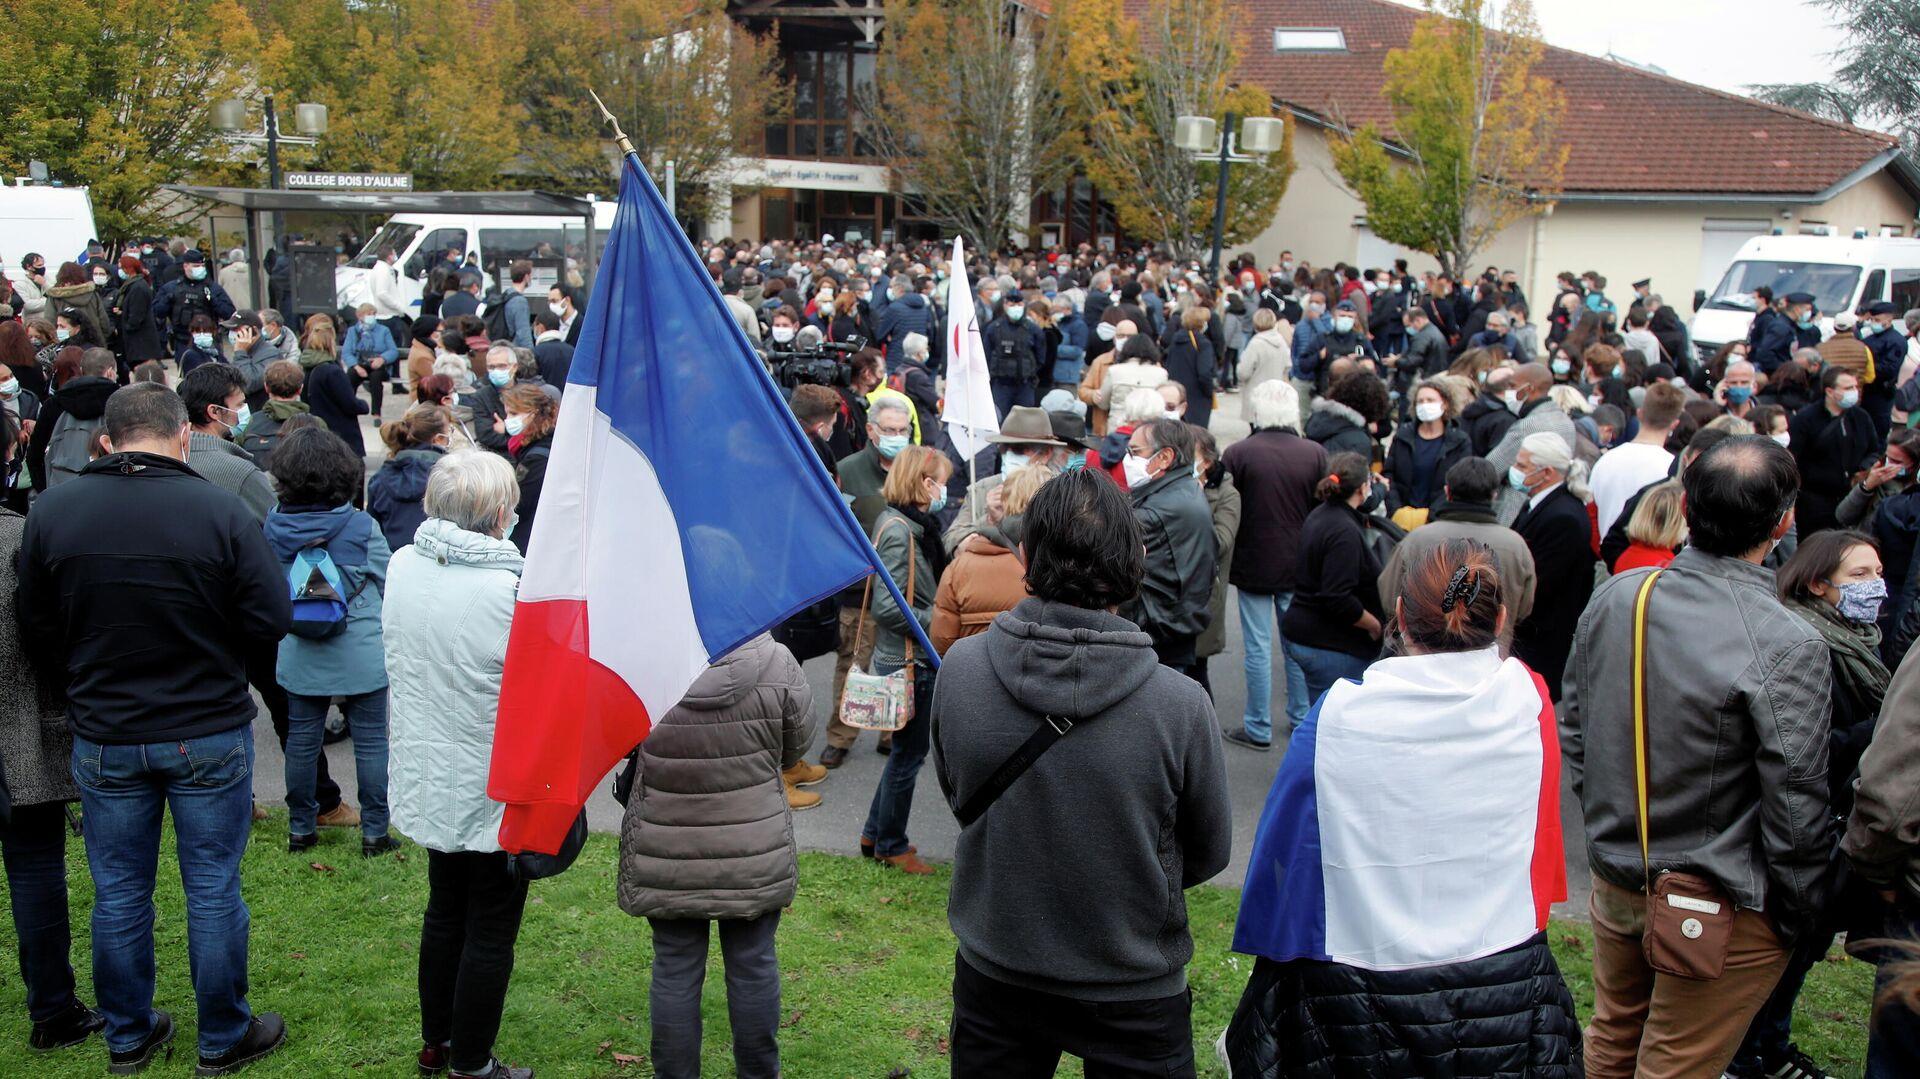 Люди собираются на месте убийства учителя в коммуне Конфлан-Сент-Онорин, Франция - РИА Новости, 1920, 20.10.2020